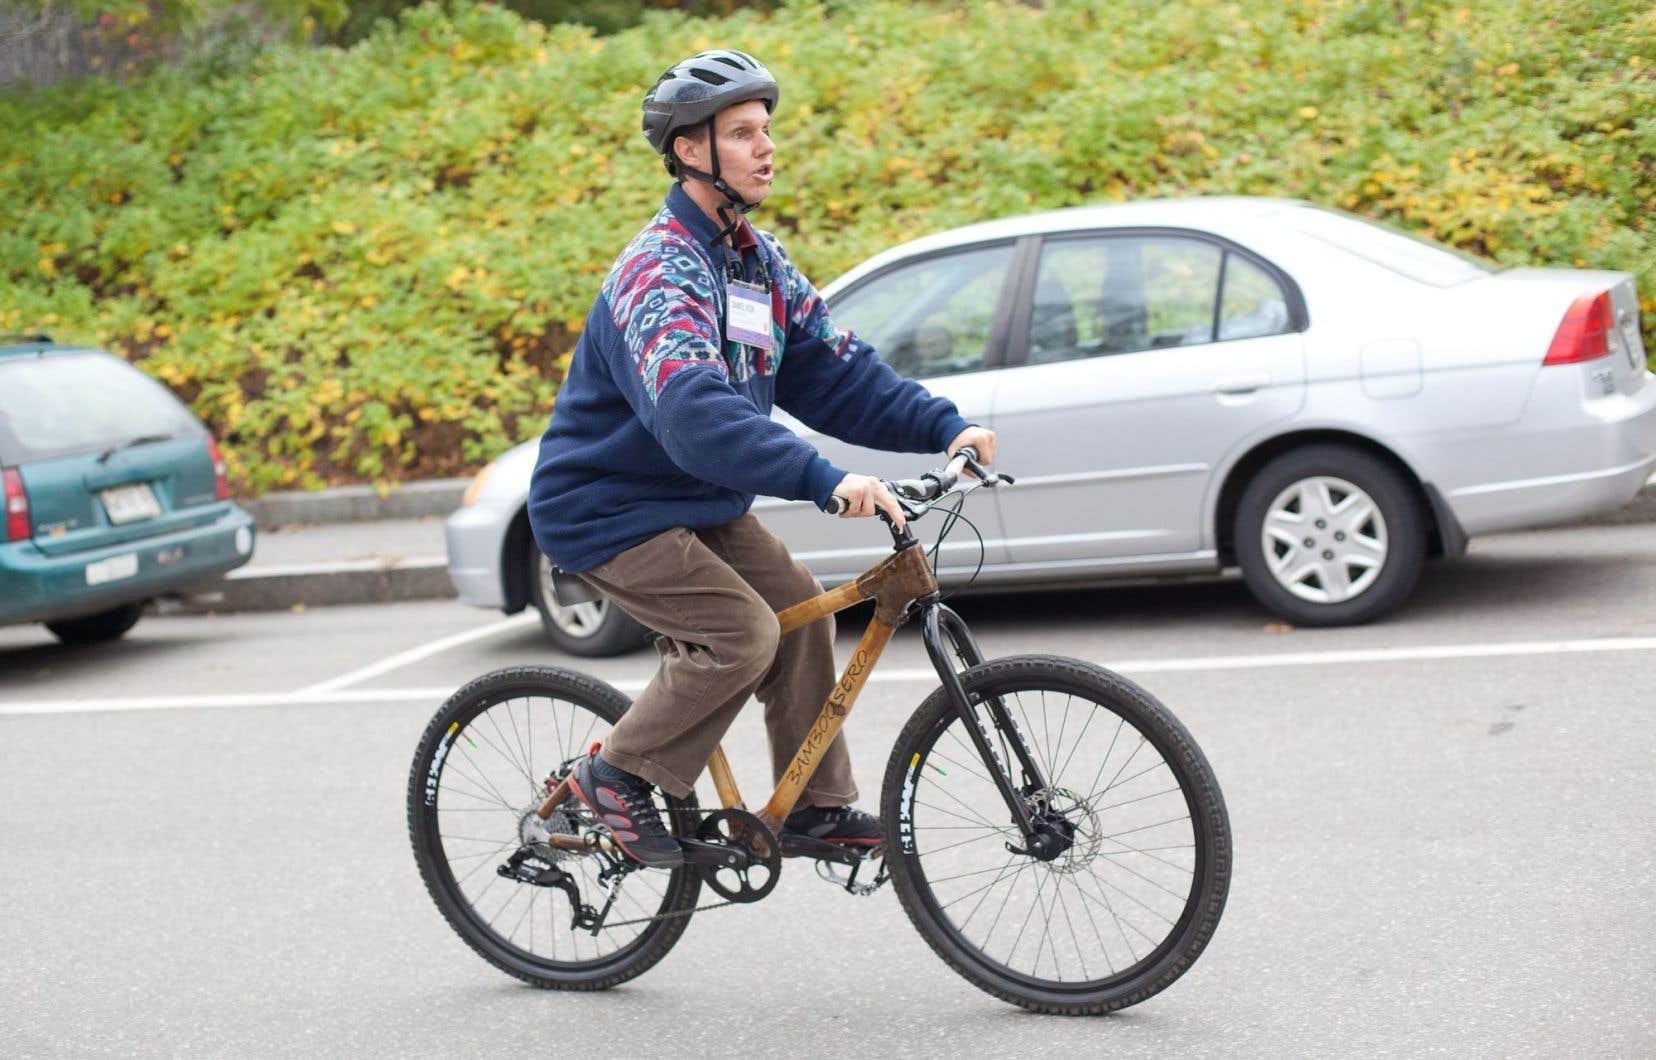 Avec son radar surdéveloppé, Daniel Kish peut voyager, se balader à vélo, se promener en pleine nature et même faire du VTT.